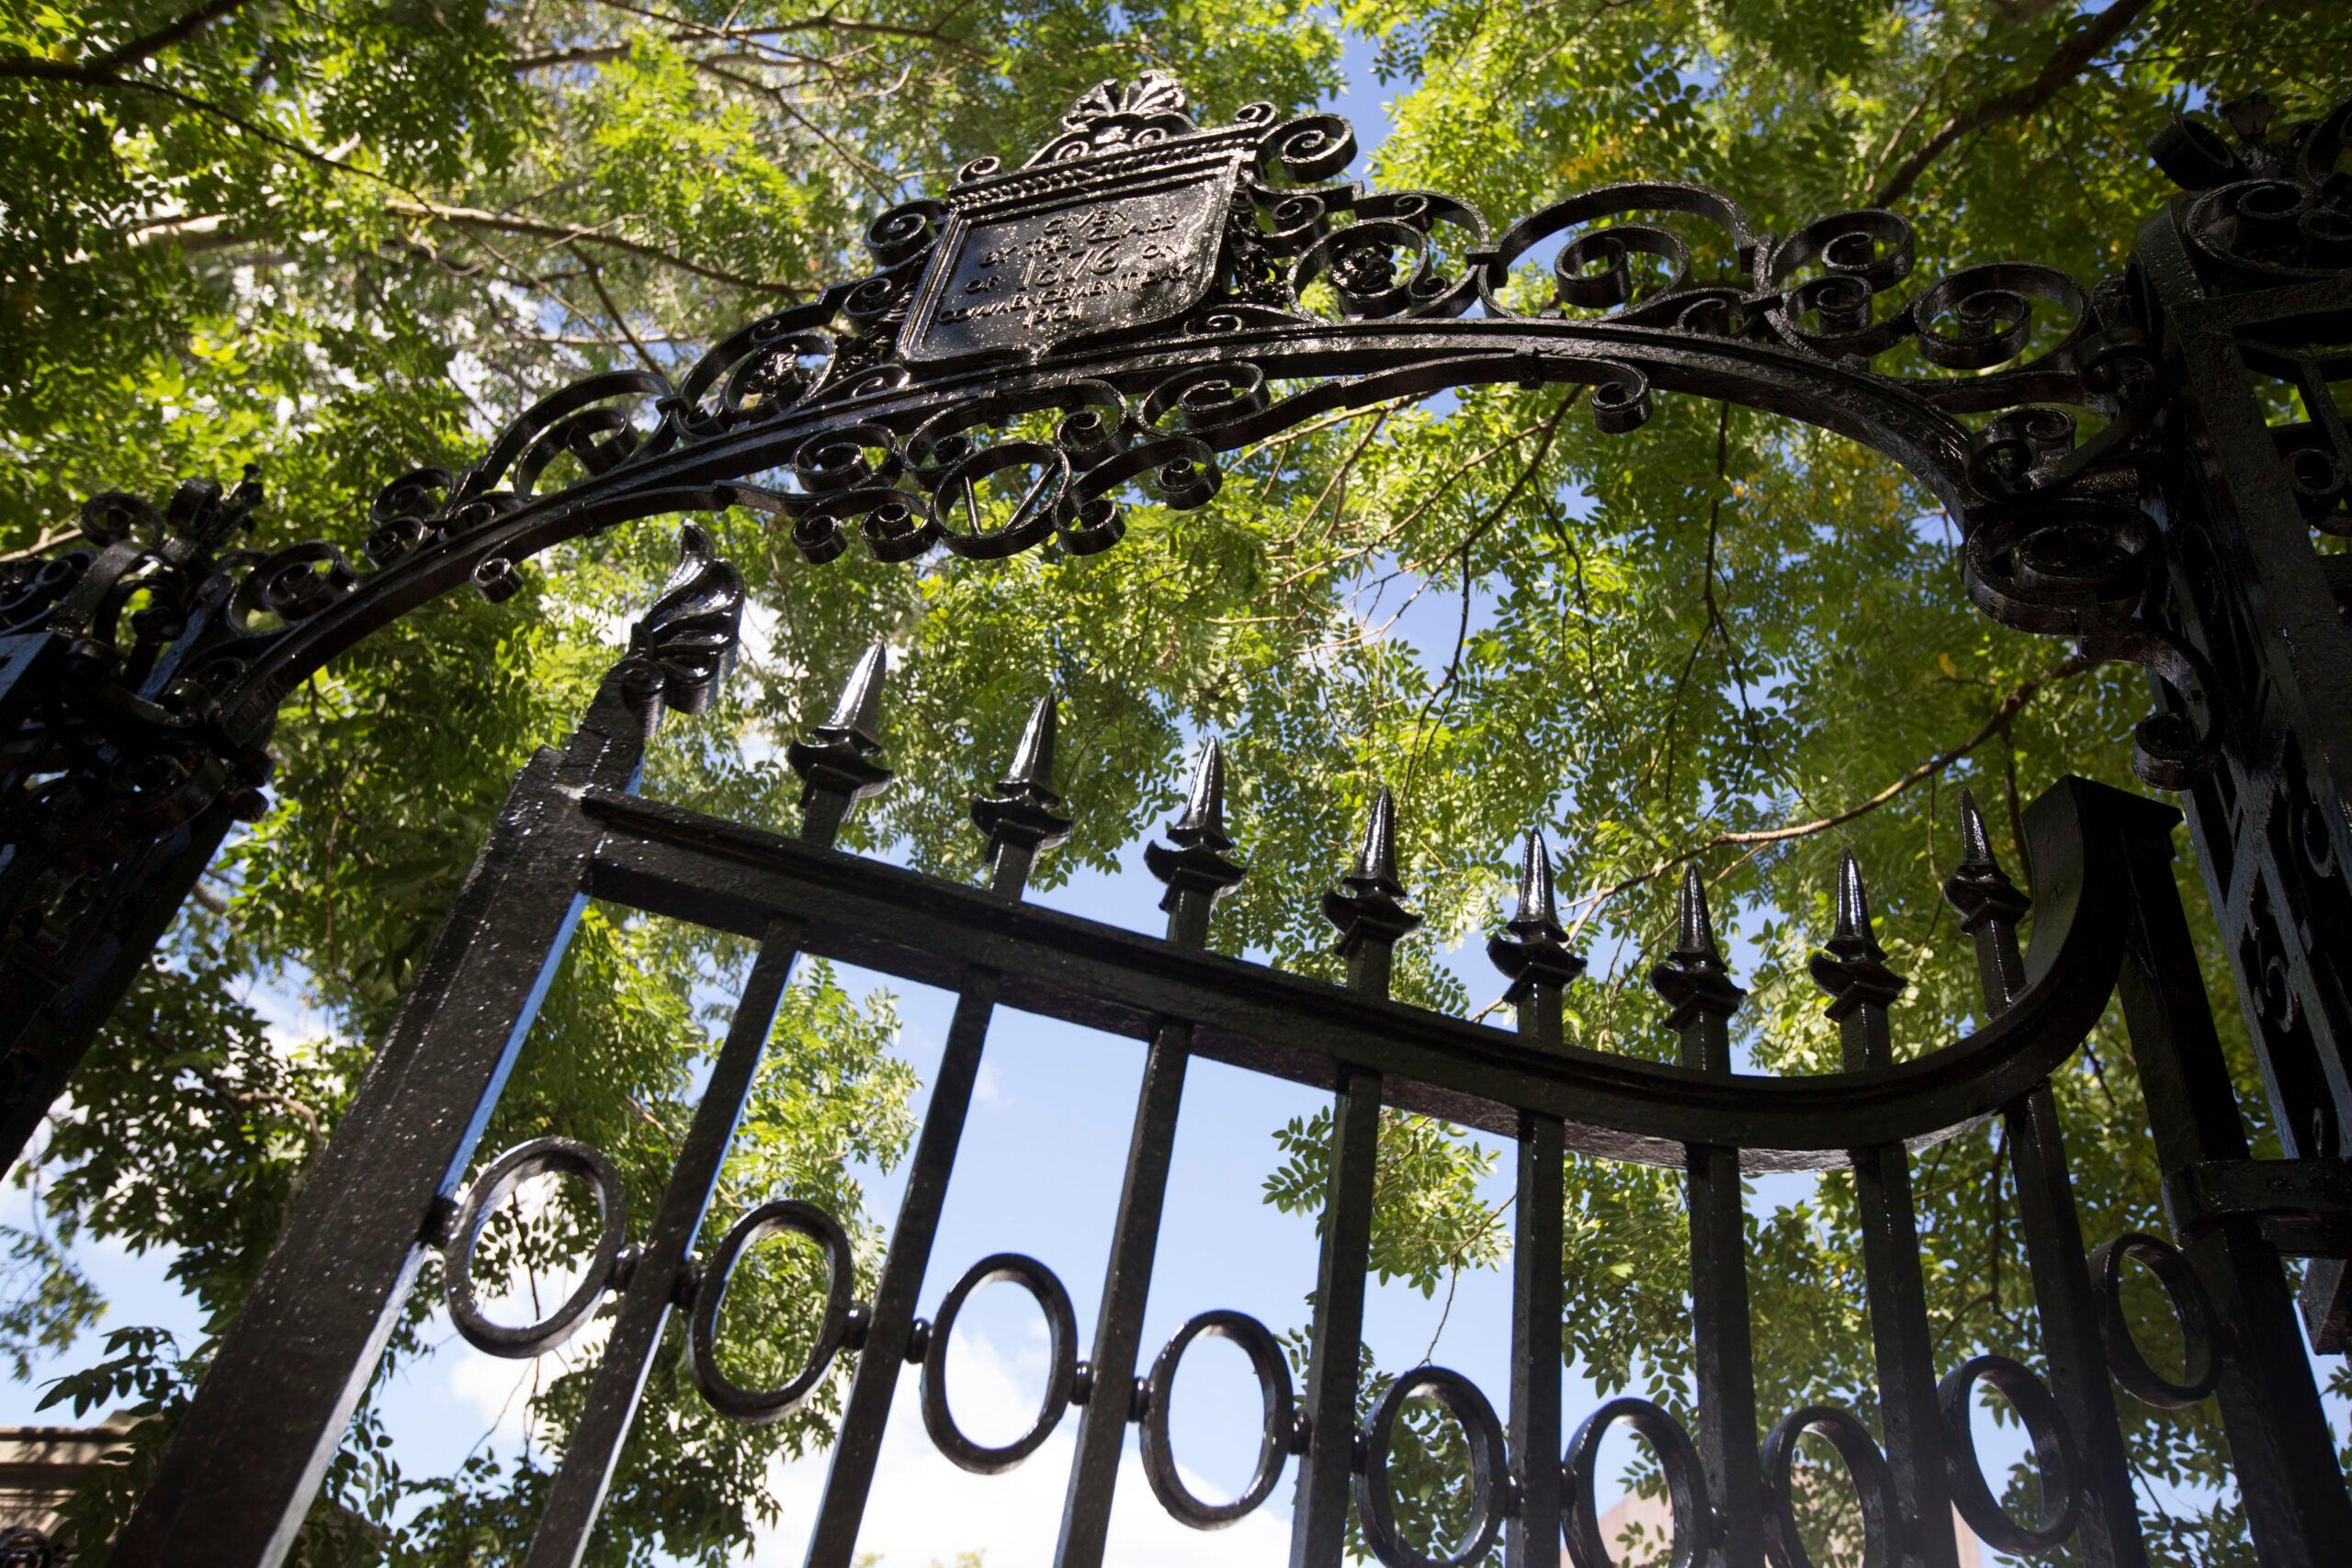 A metal gate